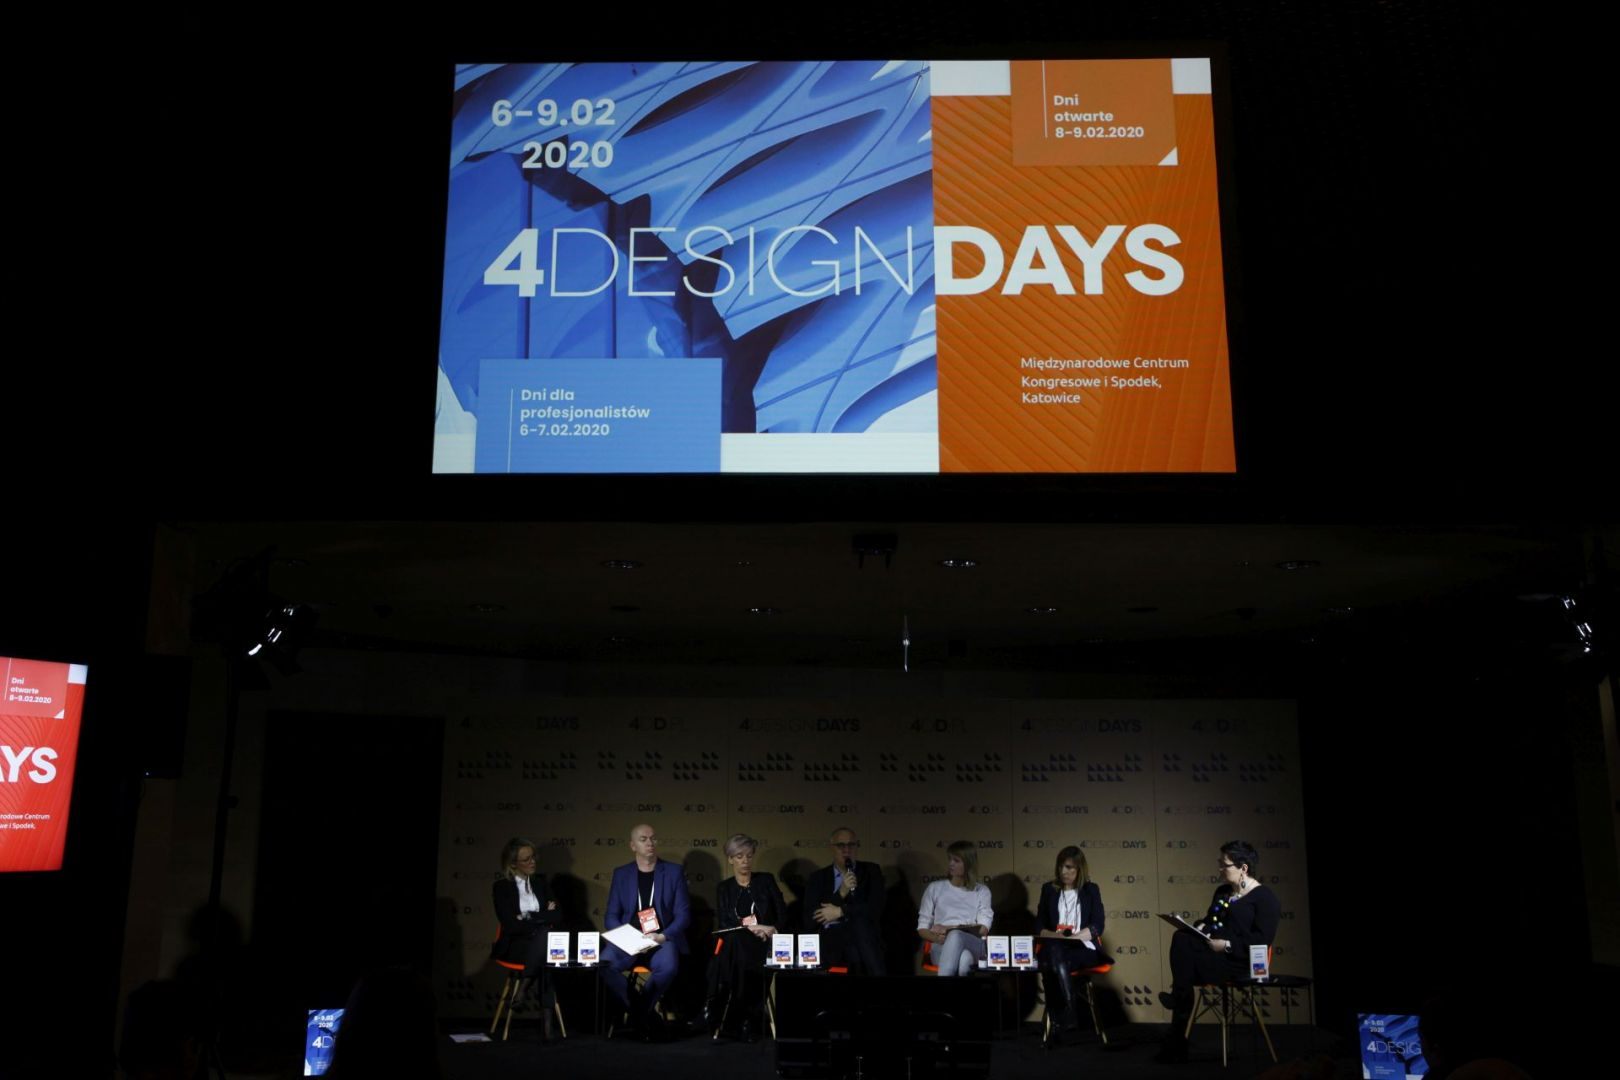 Dyskusja o projektowaniu przestrzeni dziennej odbyła się w trakcie tegorocznych 4 Design Days 2020